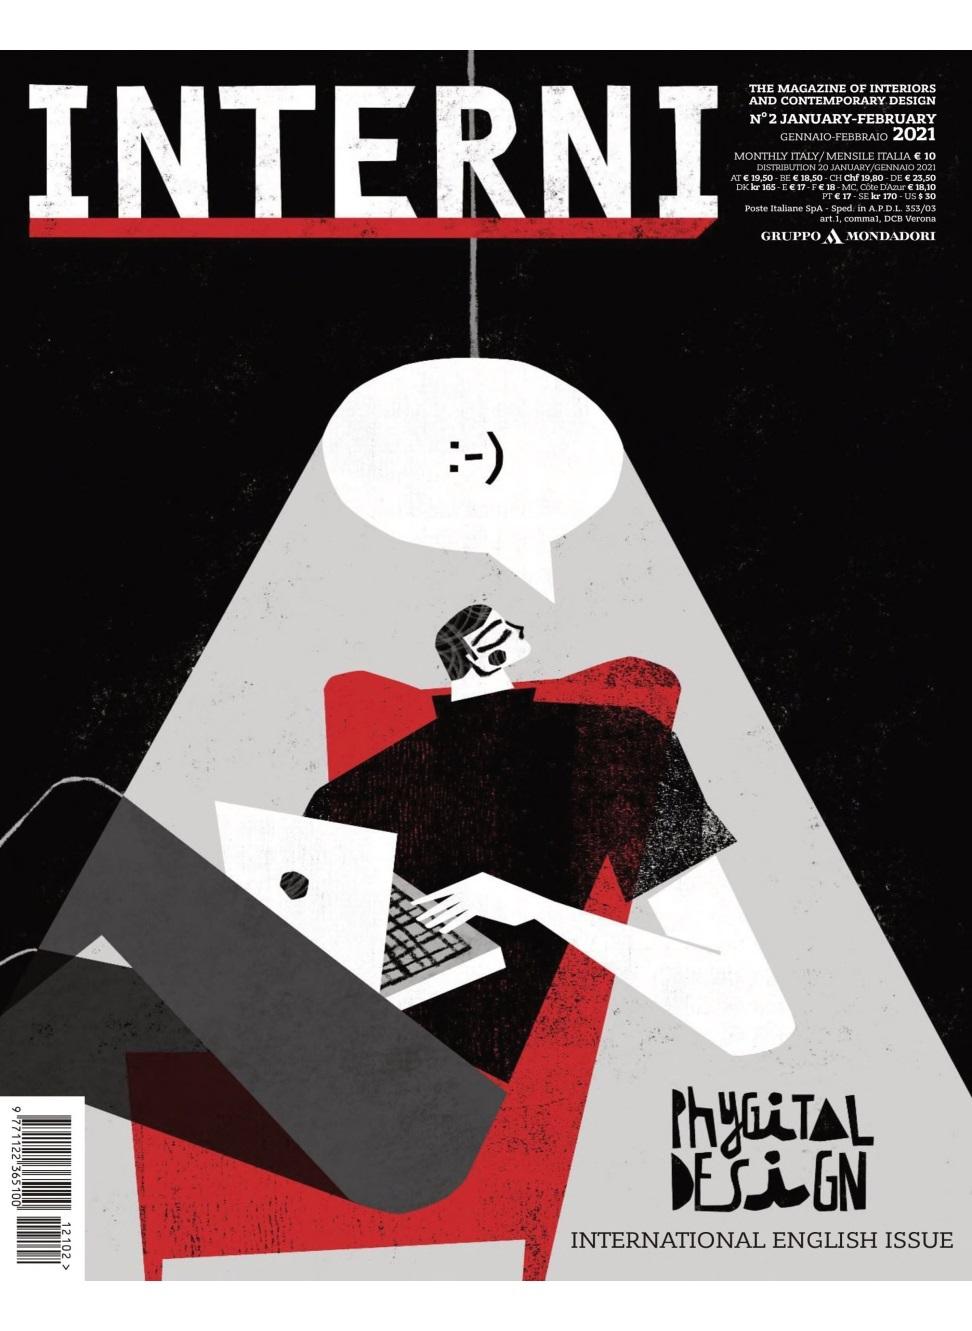 Vvda 2021 Interni 01 01 2021 Cover